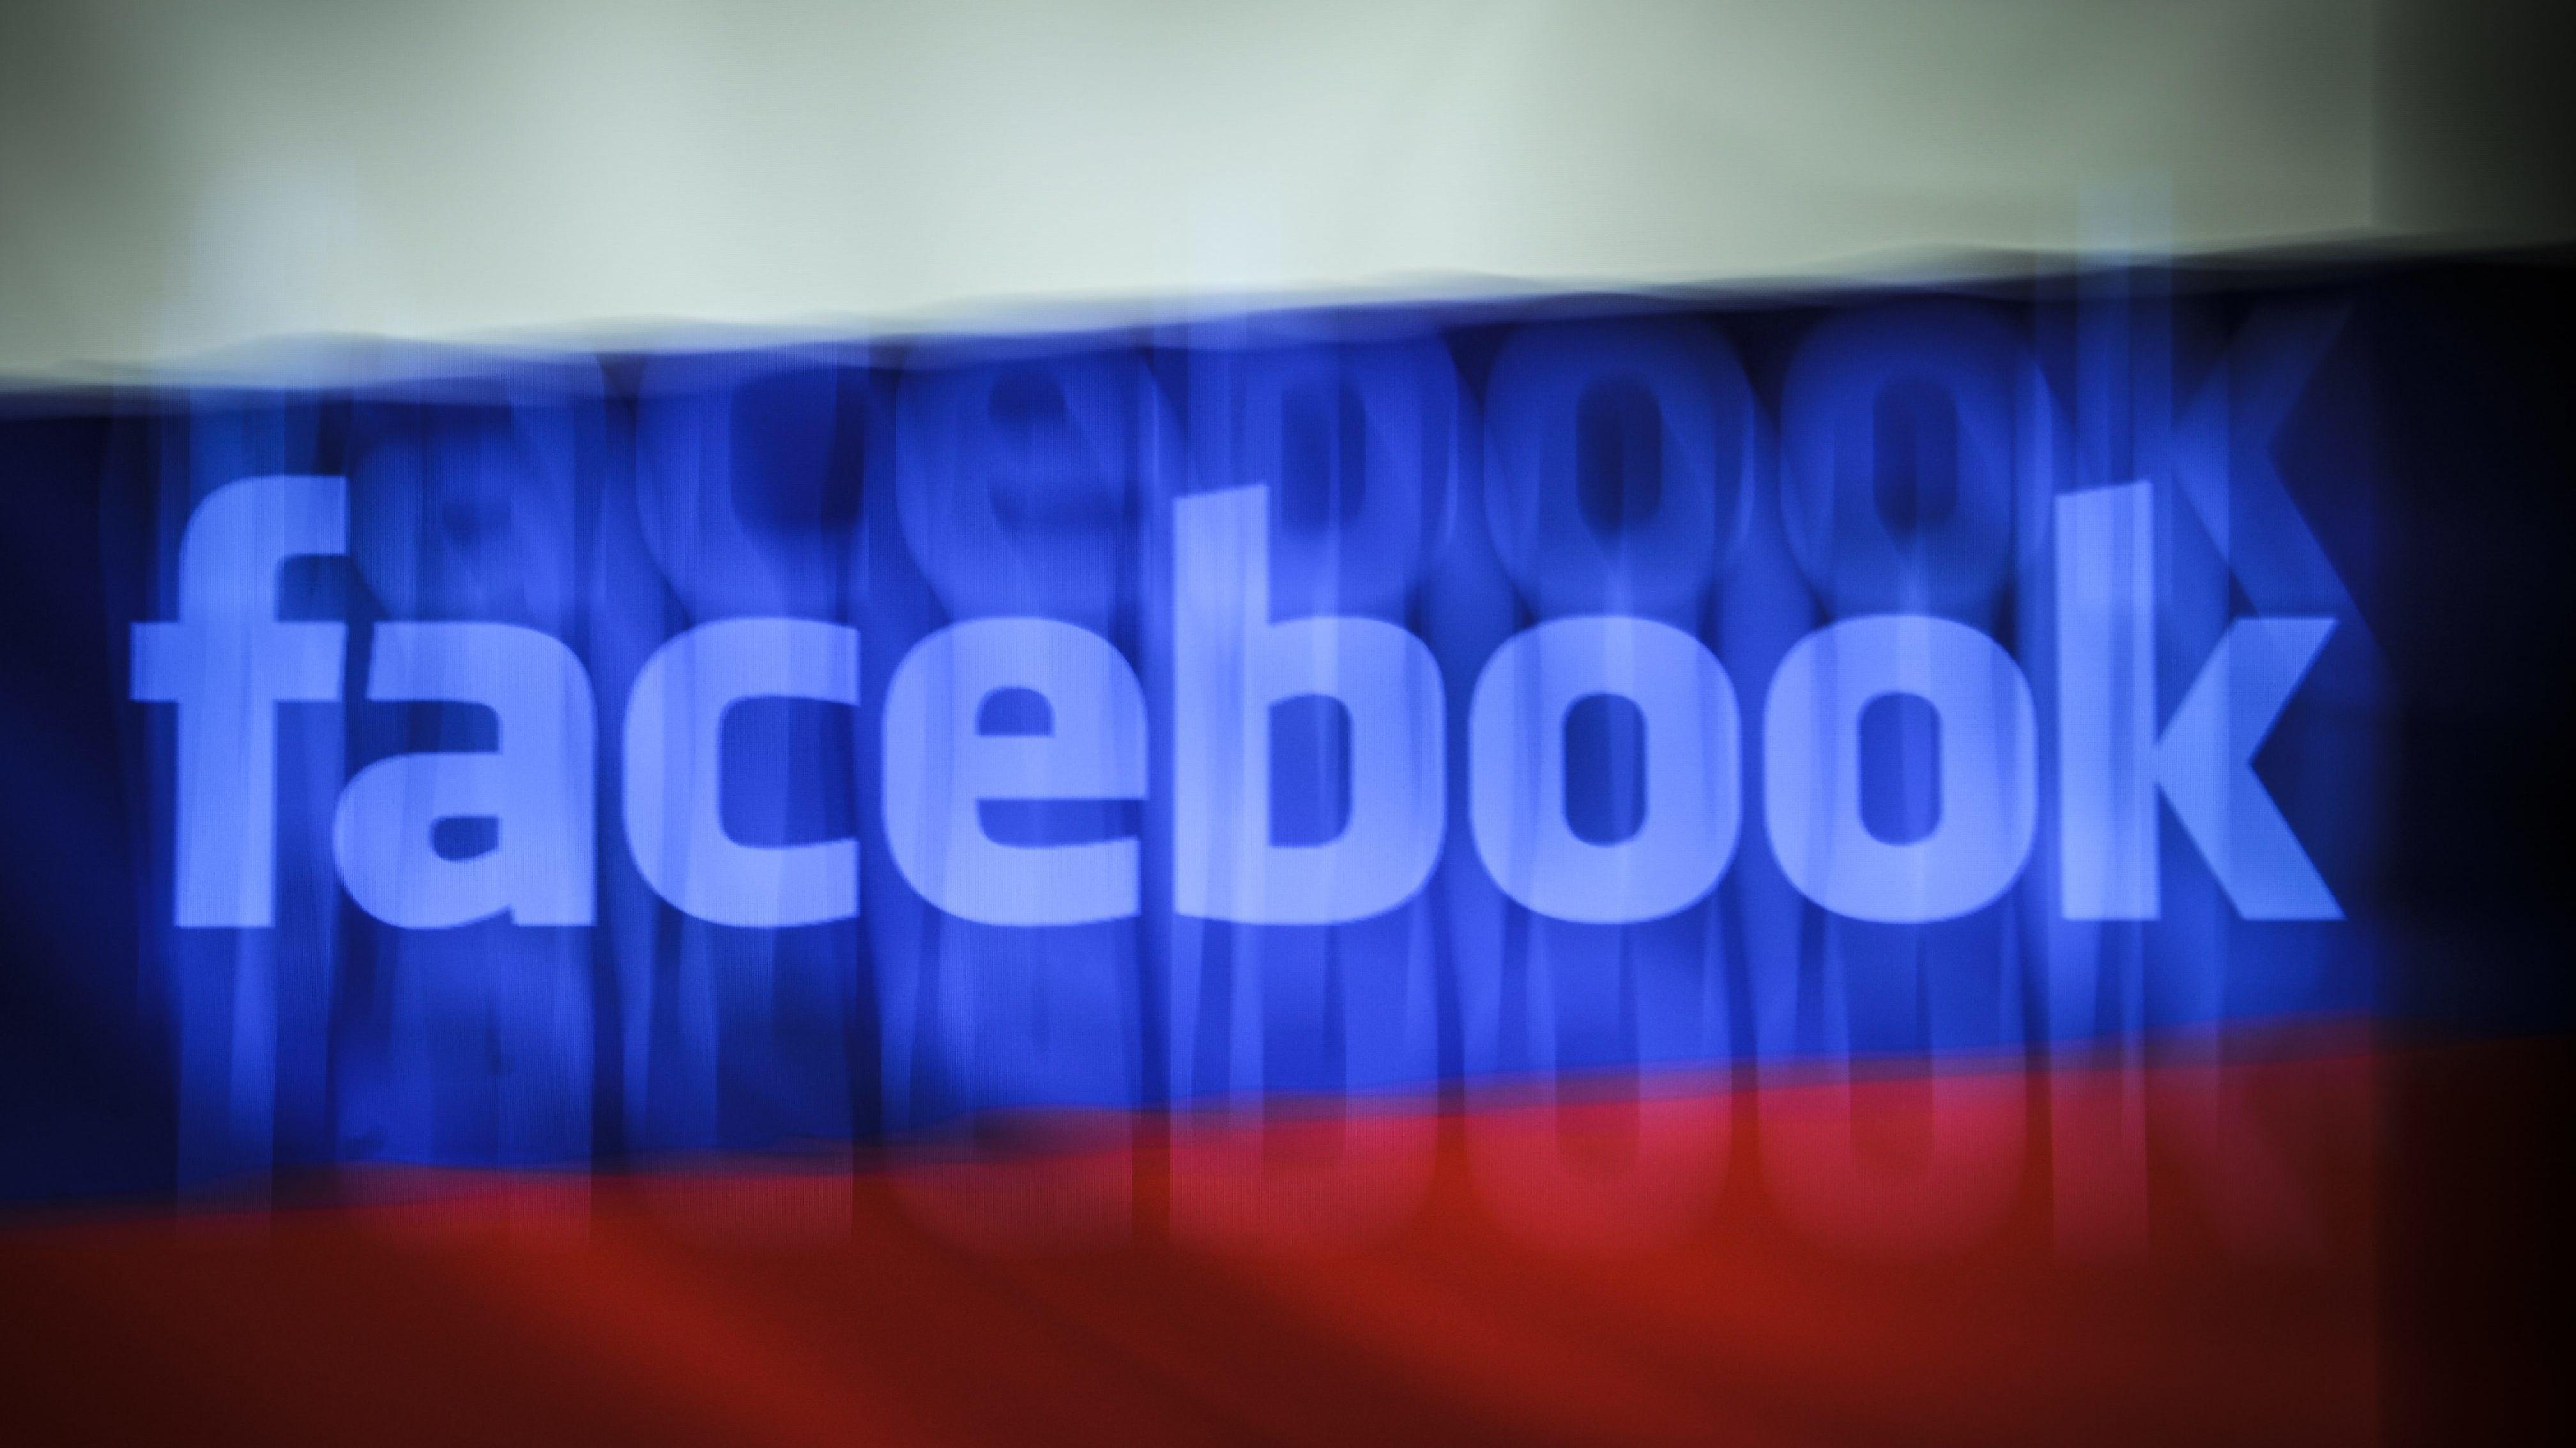 Bericht: Facebook schaltet Propaganda-Netzwerk ab